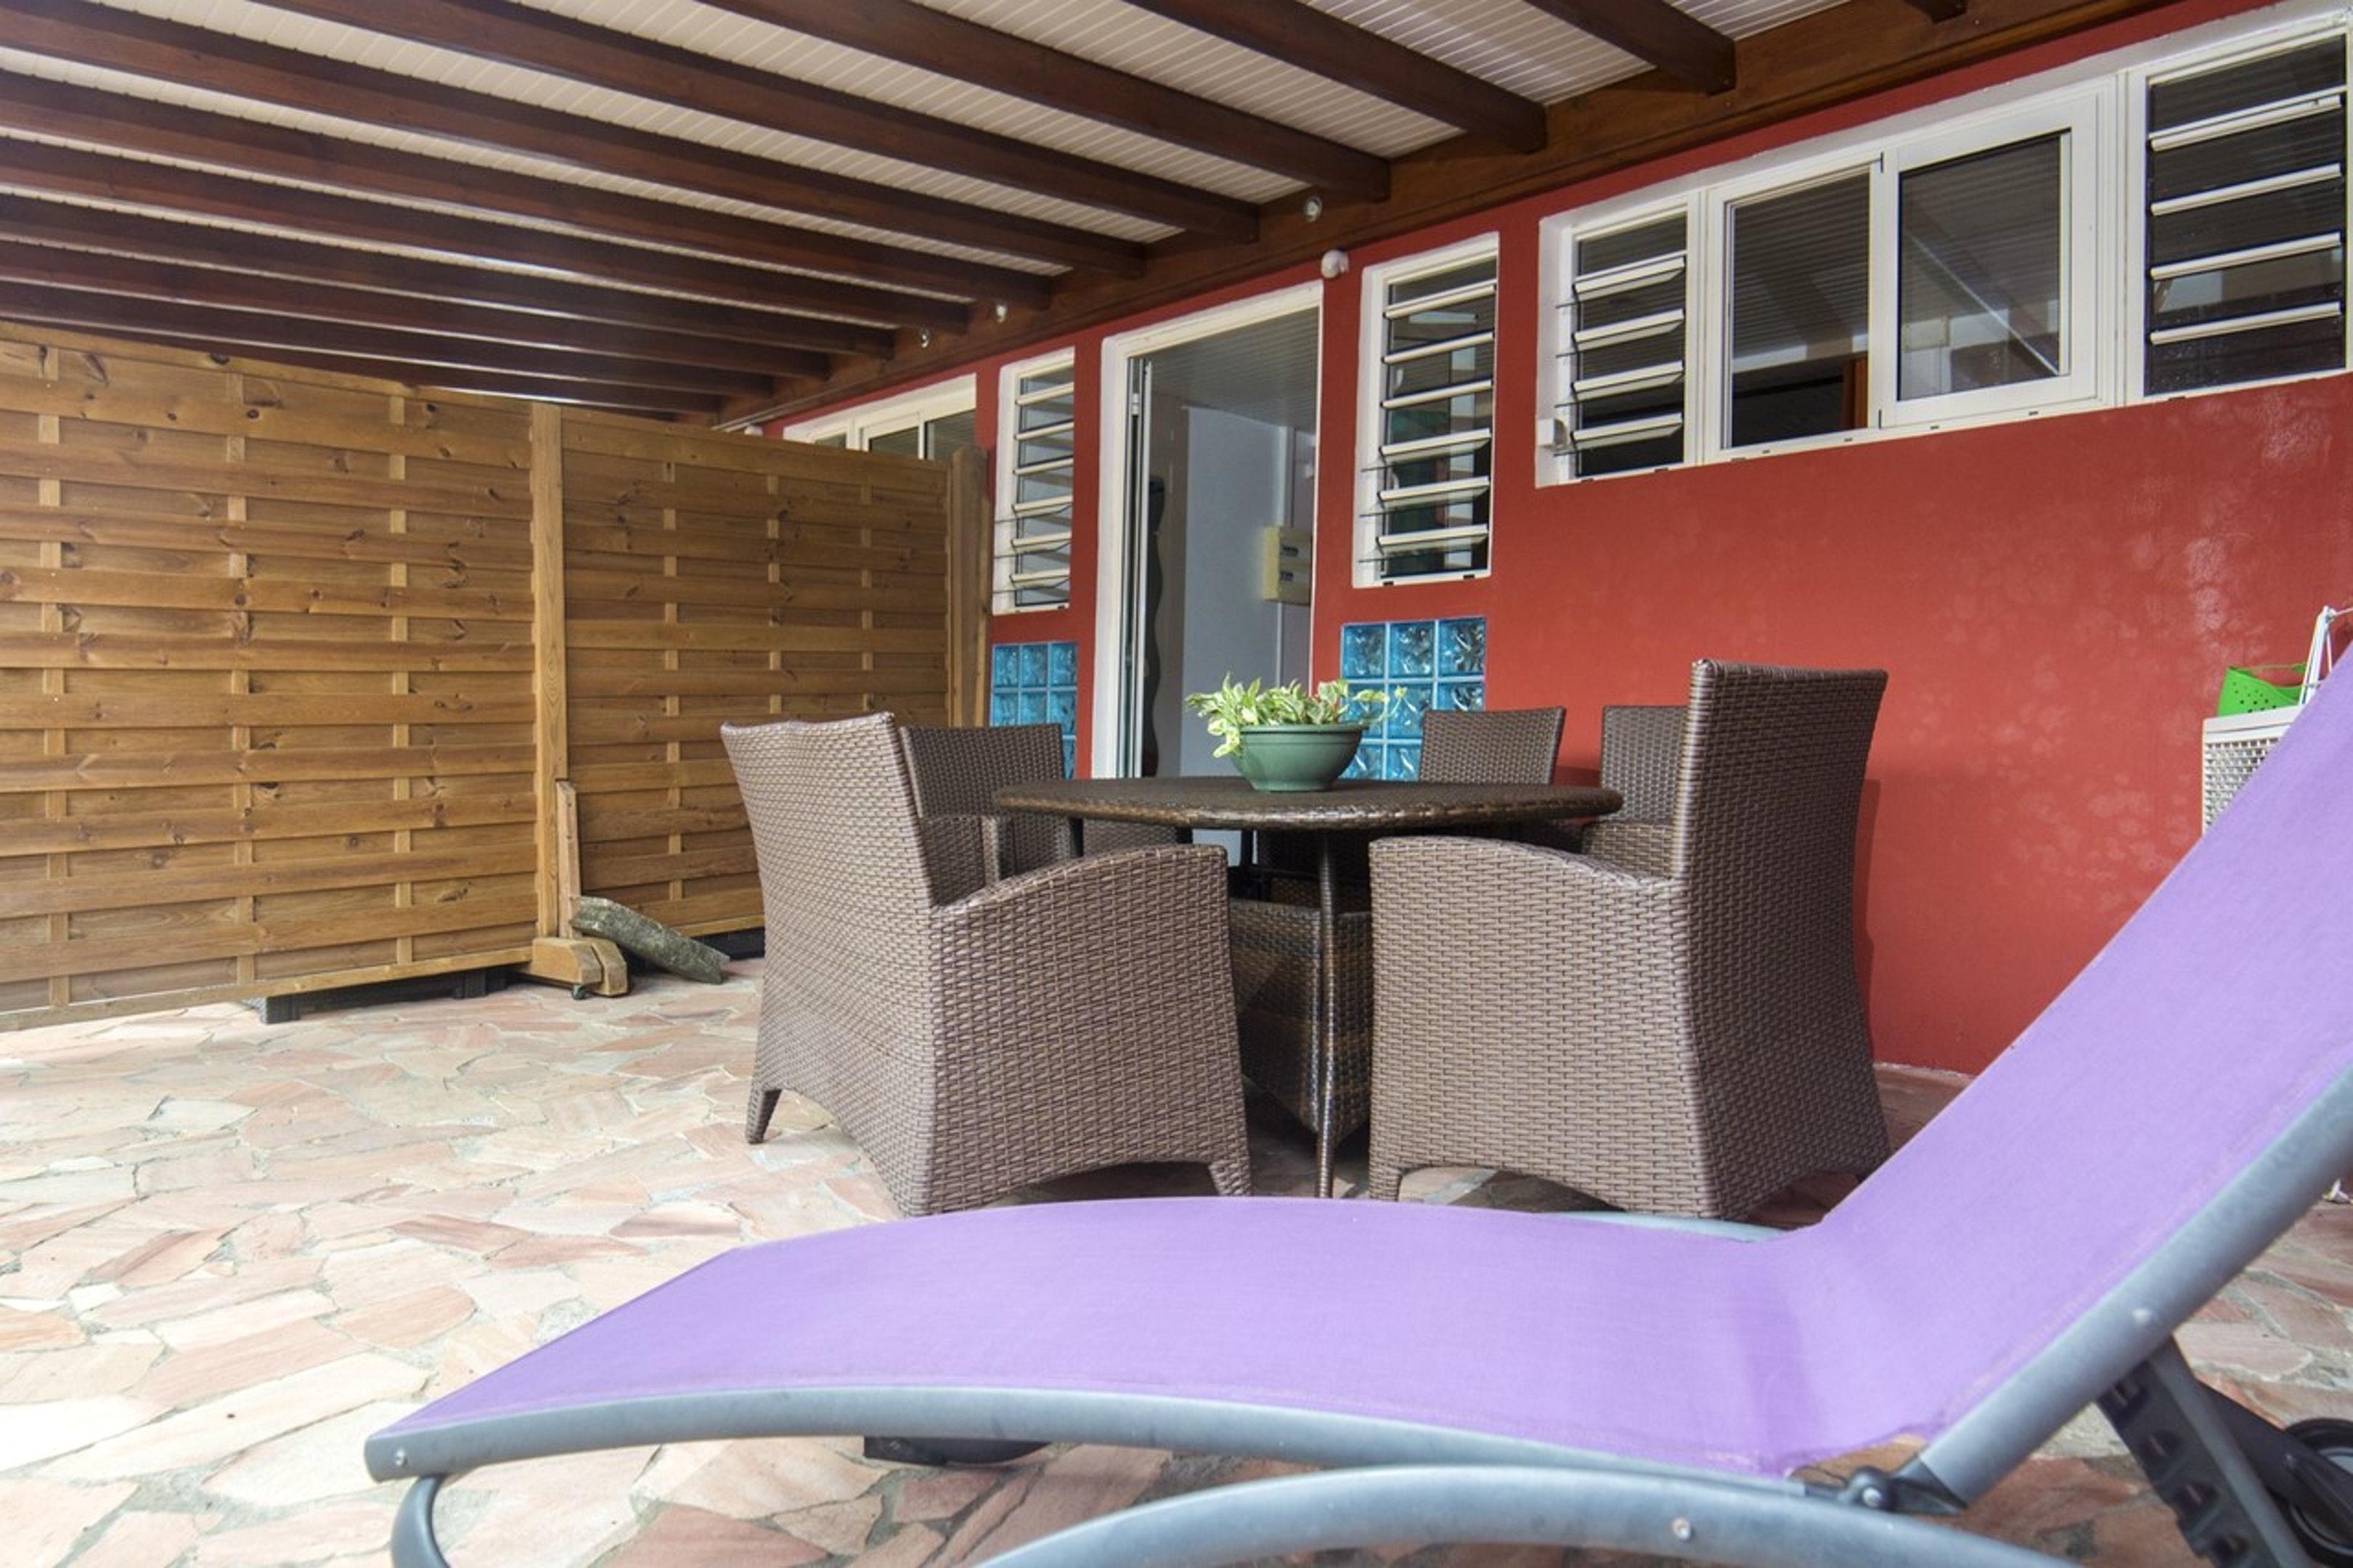 Apartamento de 2 habitaciones en Fort-de-France, con terraza amueblada y WiFi - a 4 km de la playa